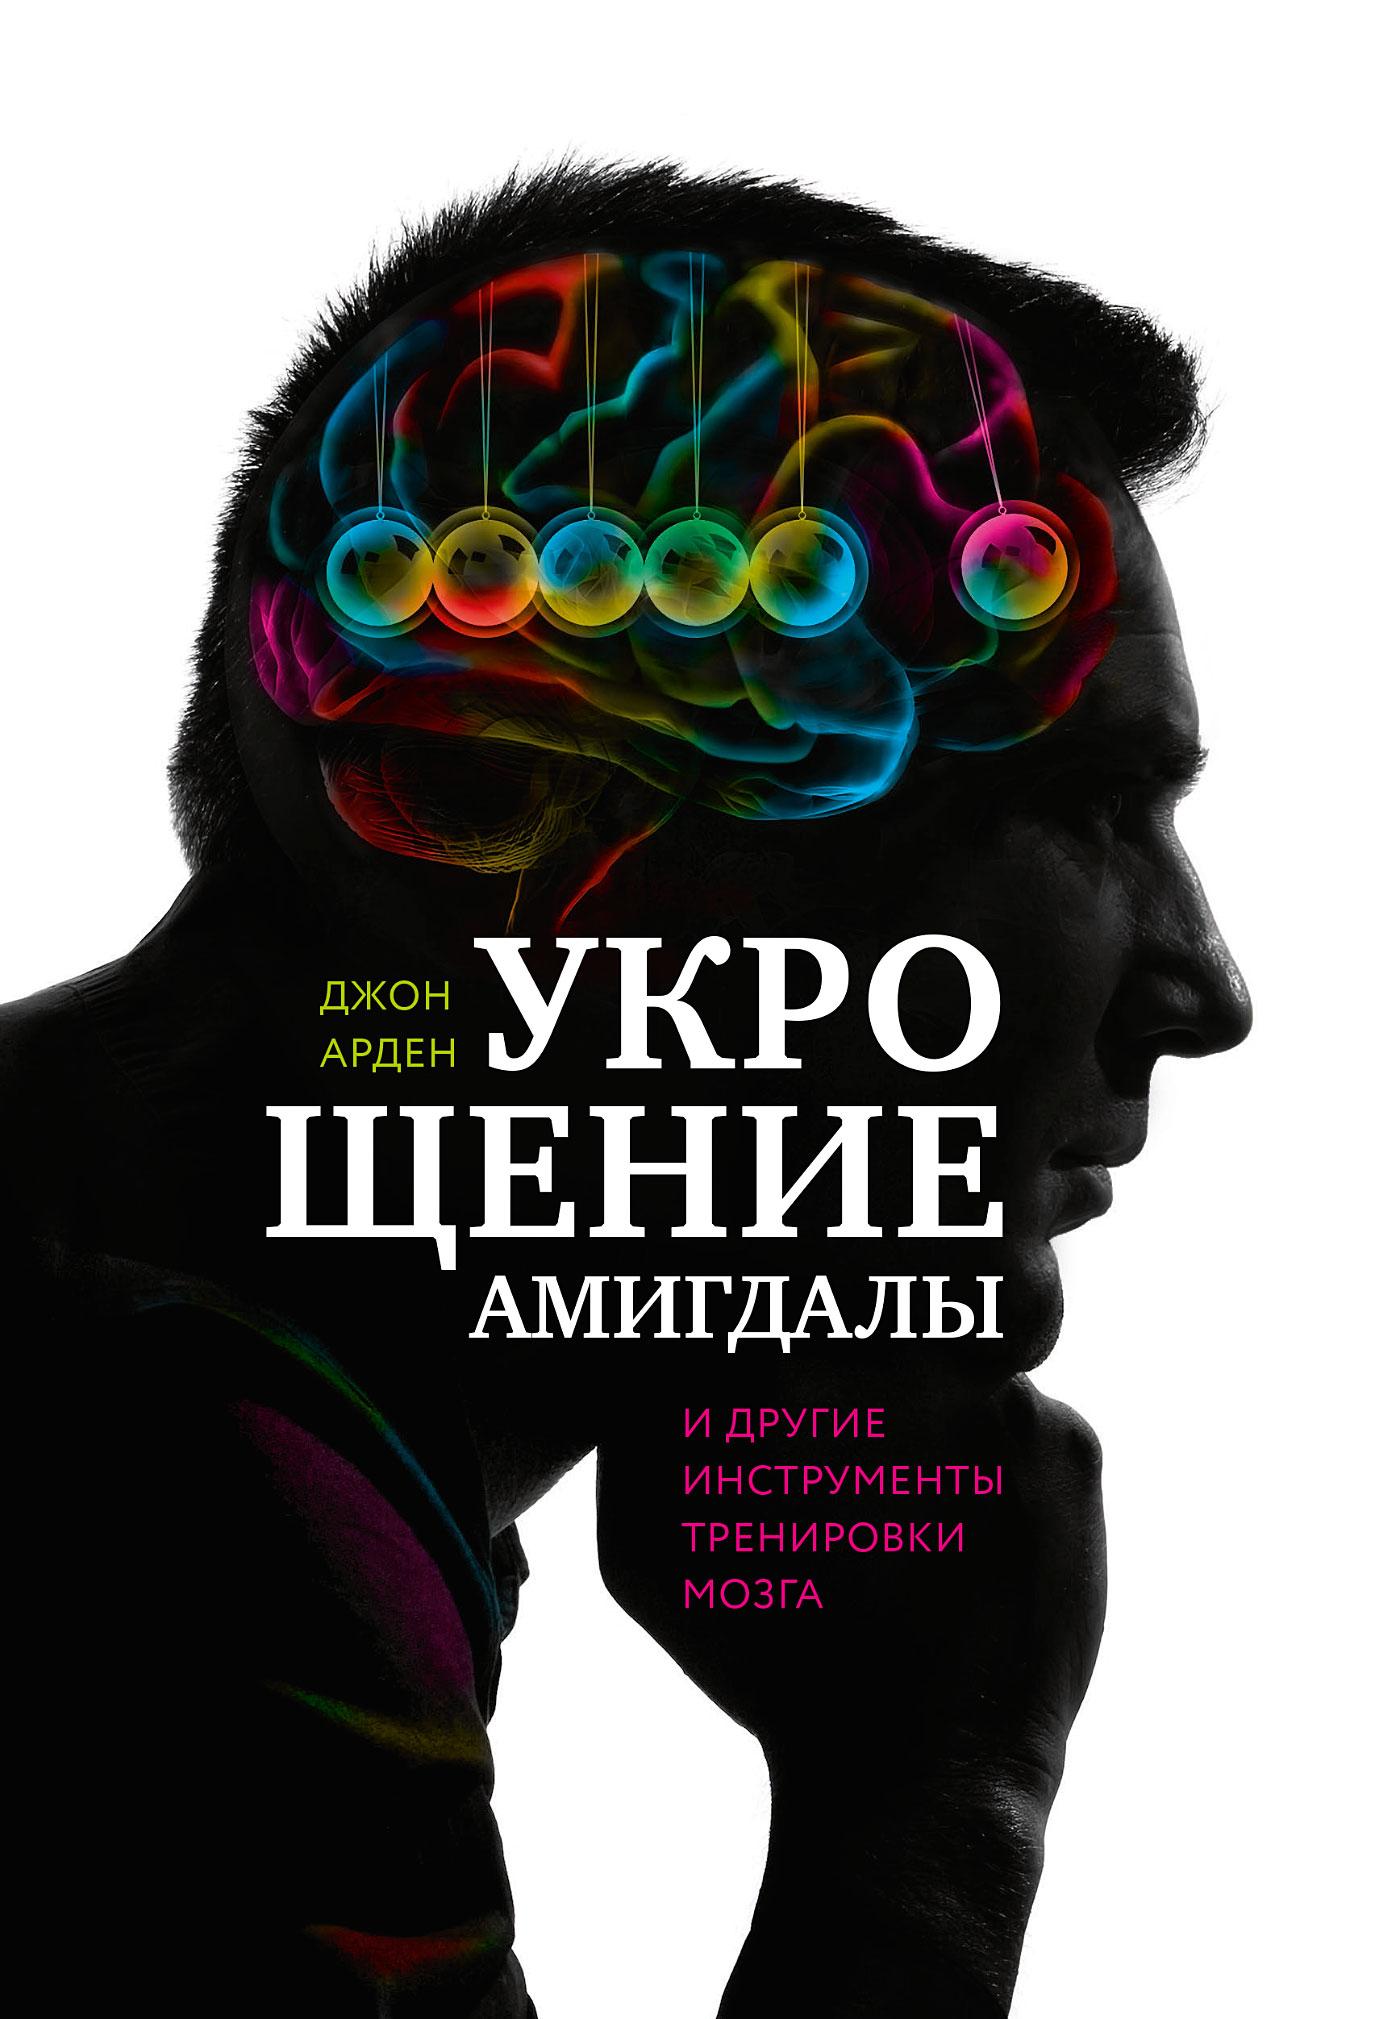 Джон Арден Укрощение амигдалы идругие инструменты тренировки мозга